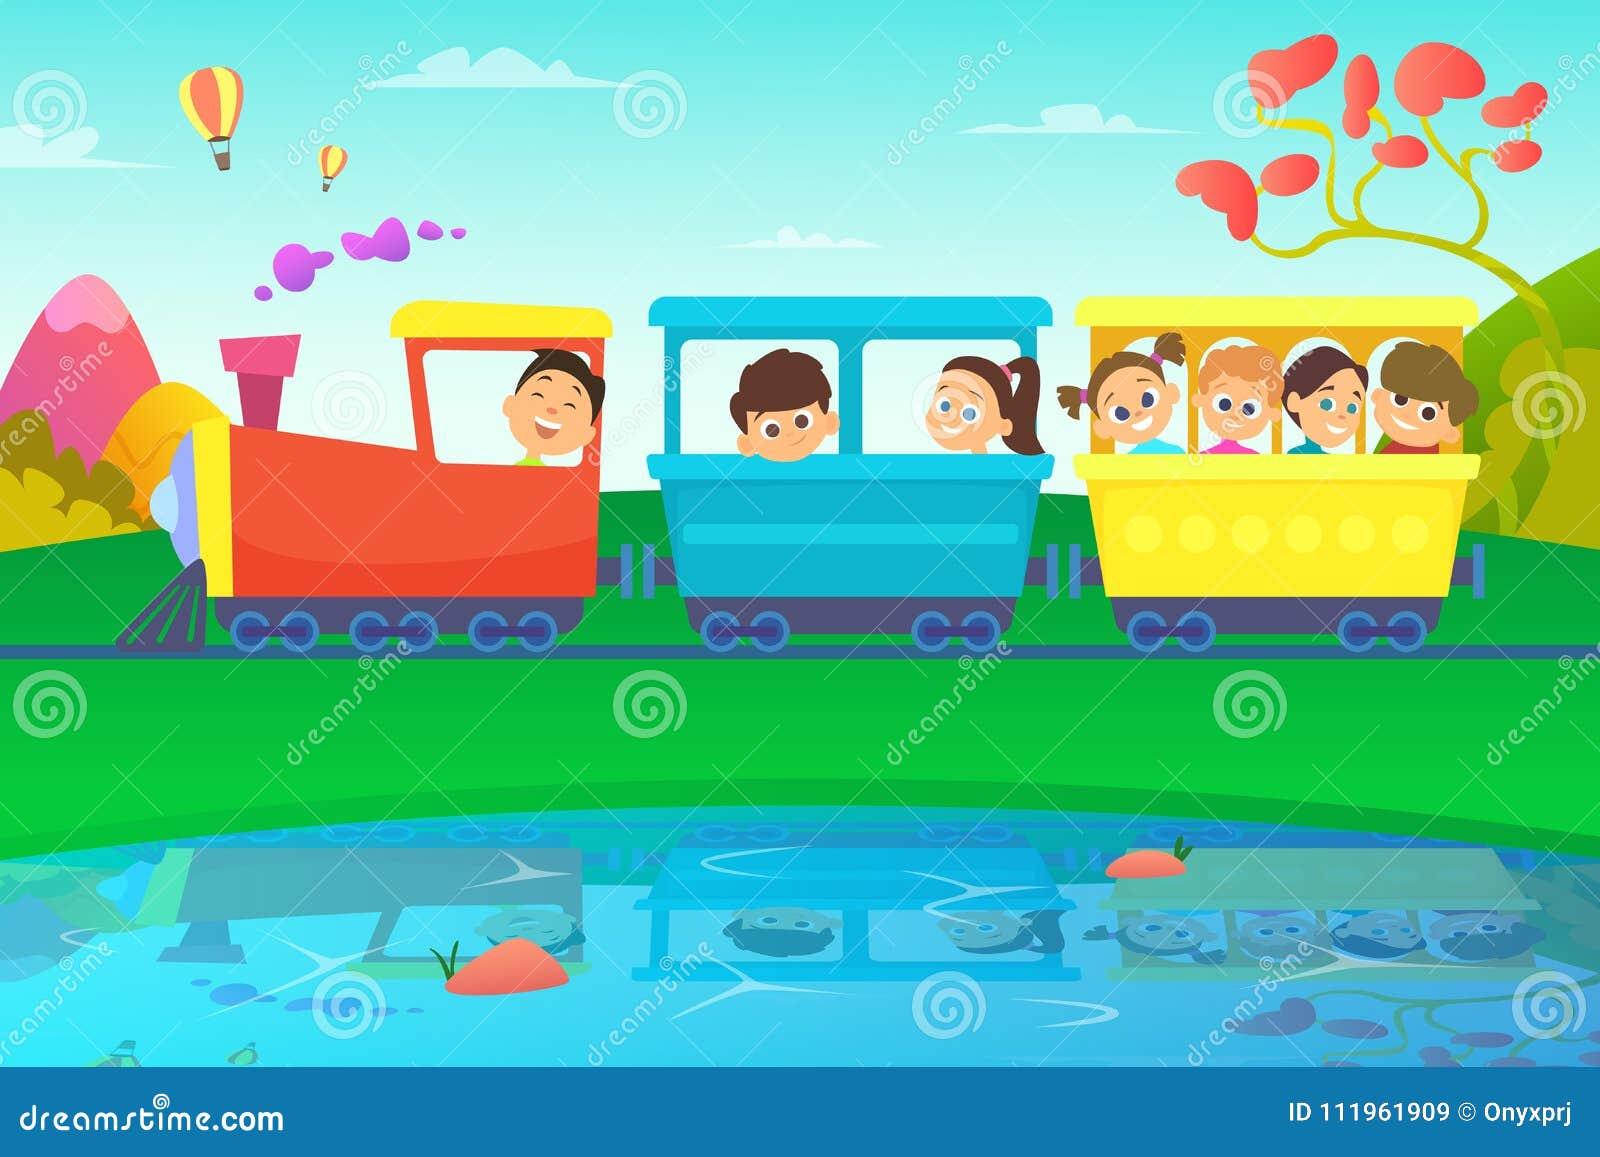 Enfants conduisant un train en monde de conte de fées